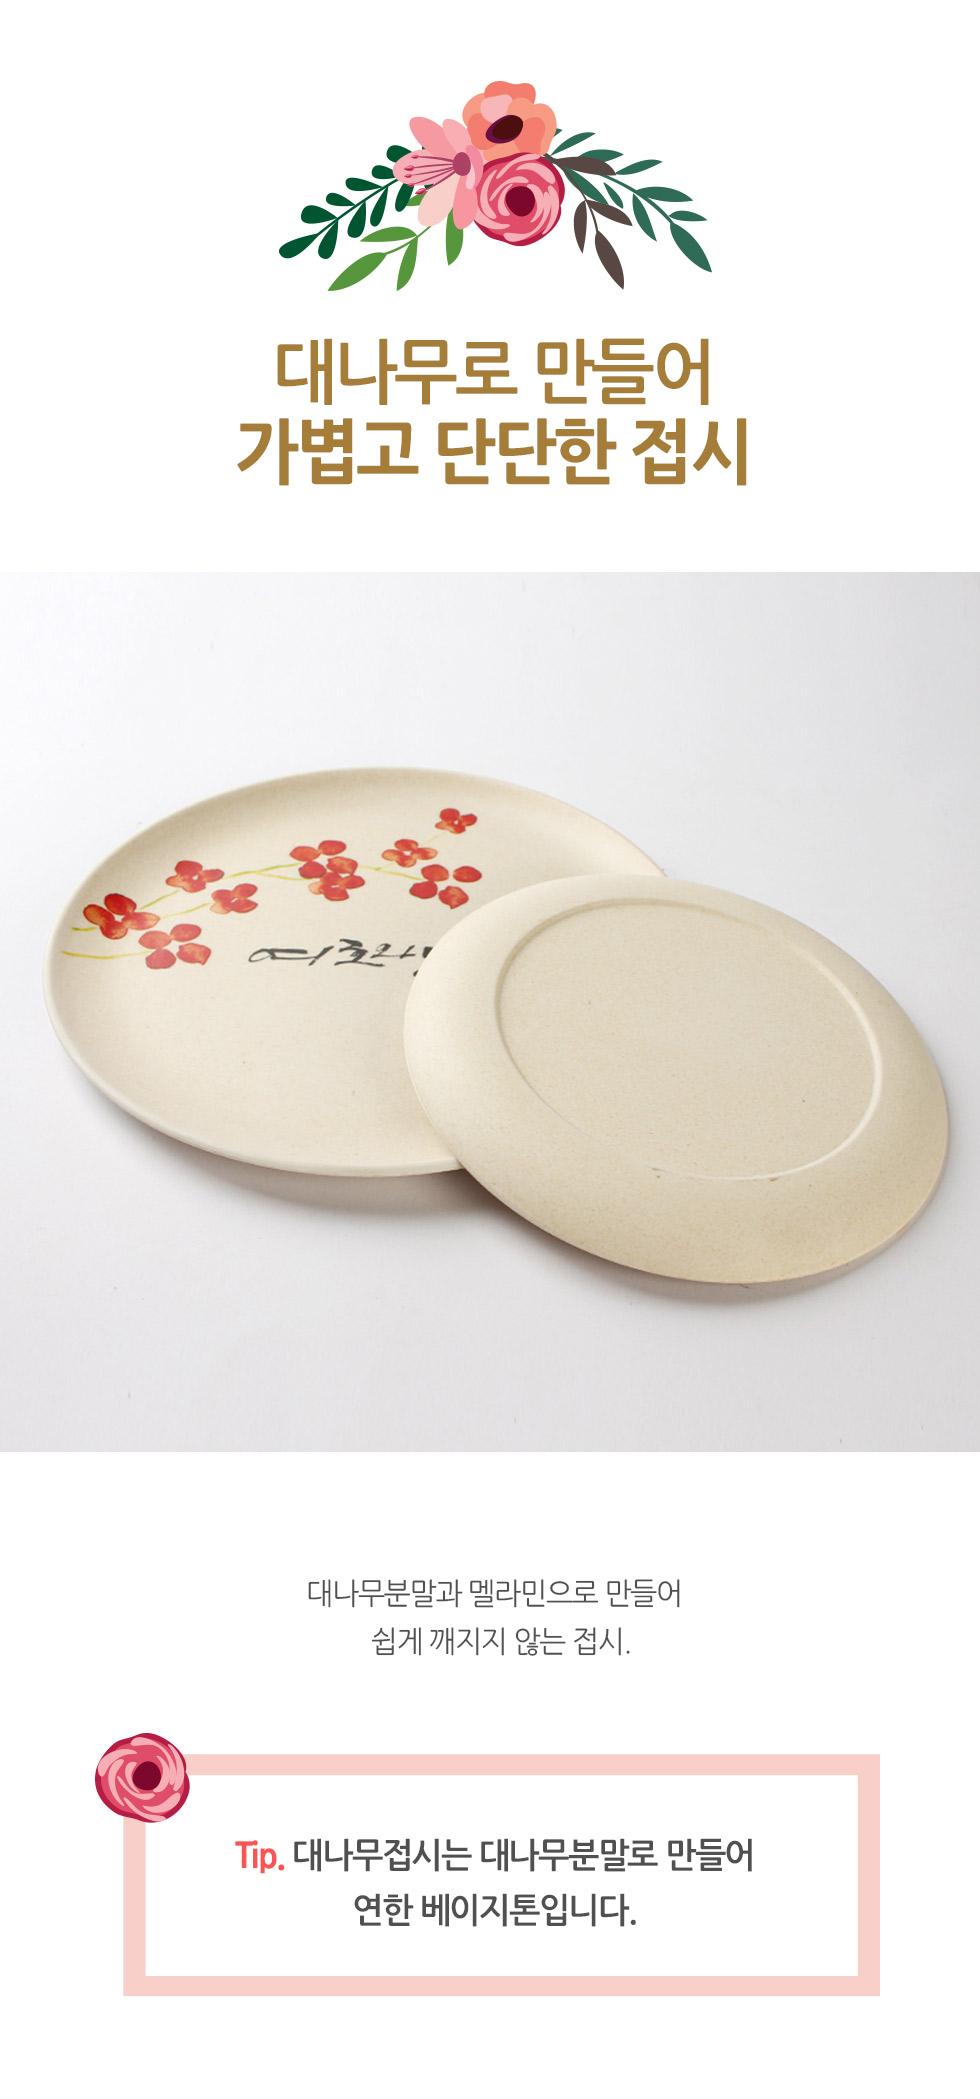 대나무로 만들어 가볍고 단단한 접시